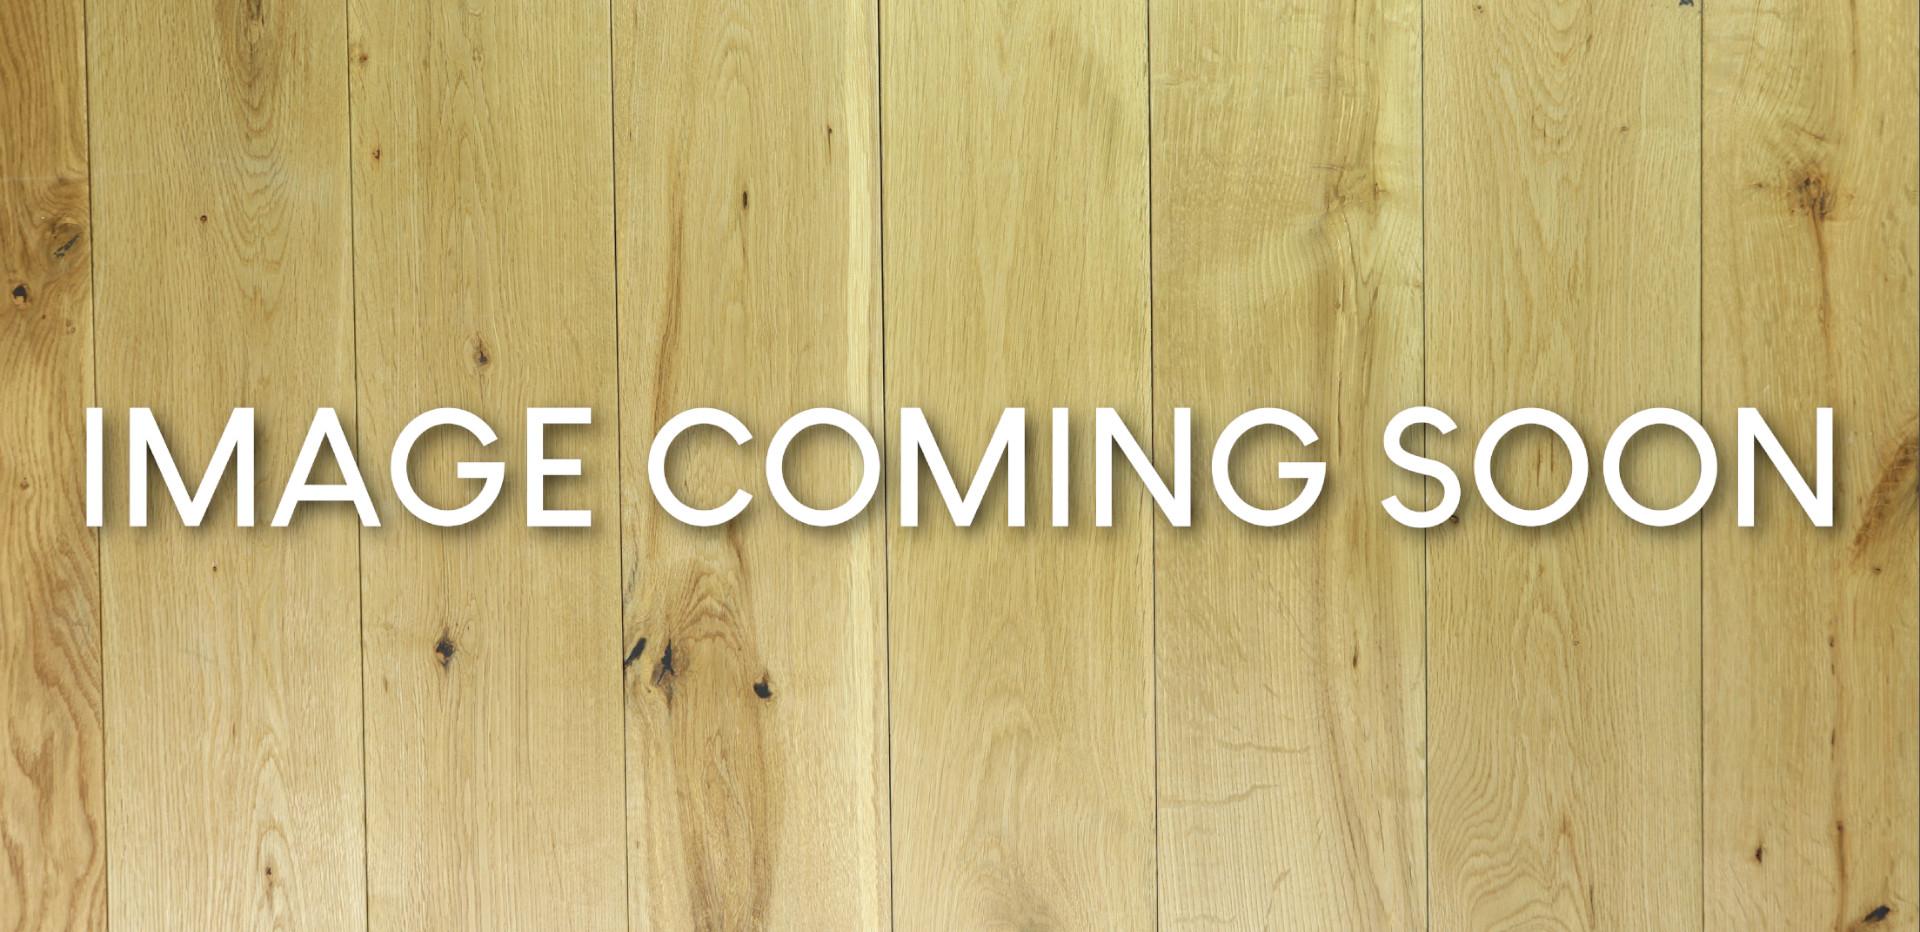 Martin DX1AE ~ Due soon